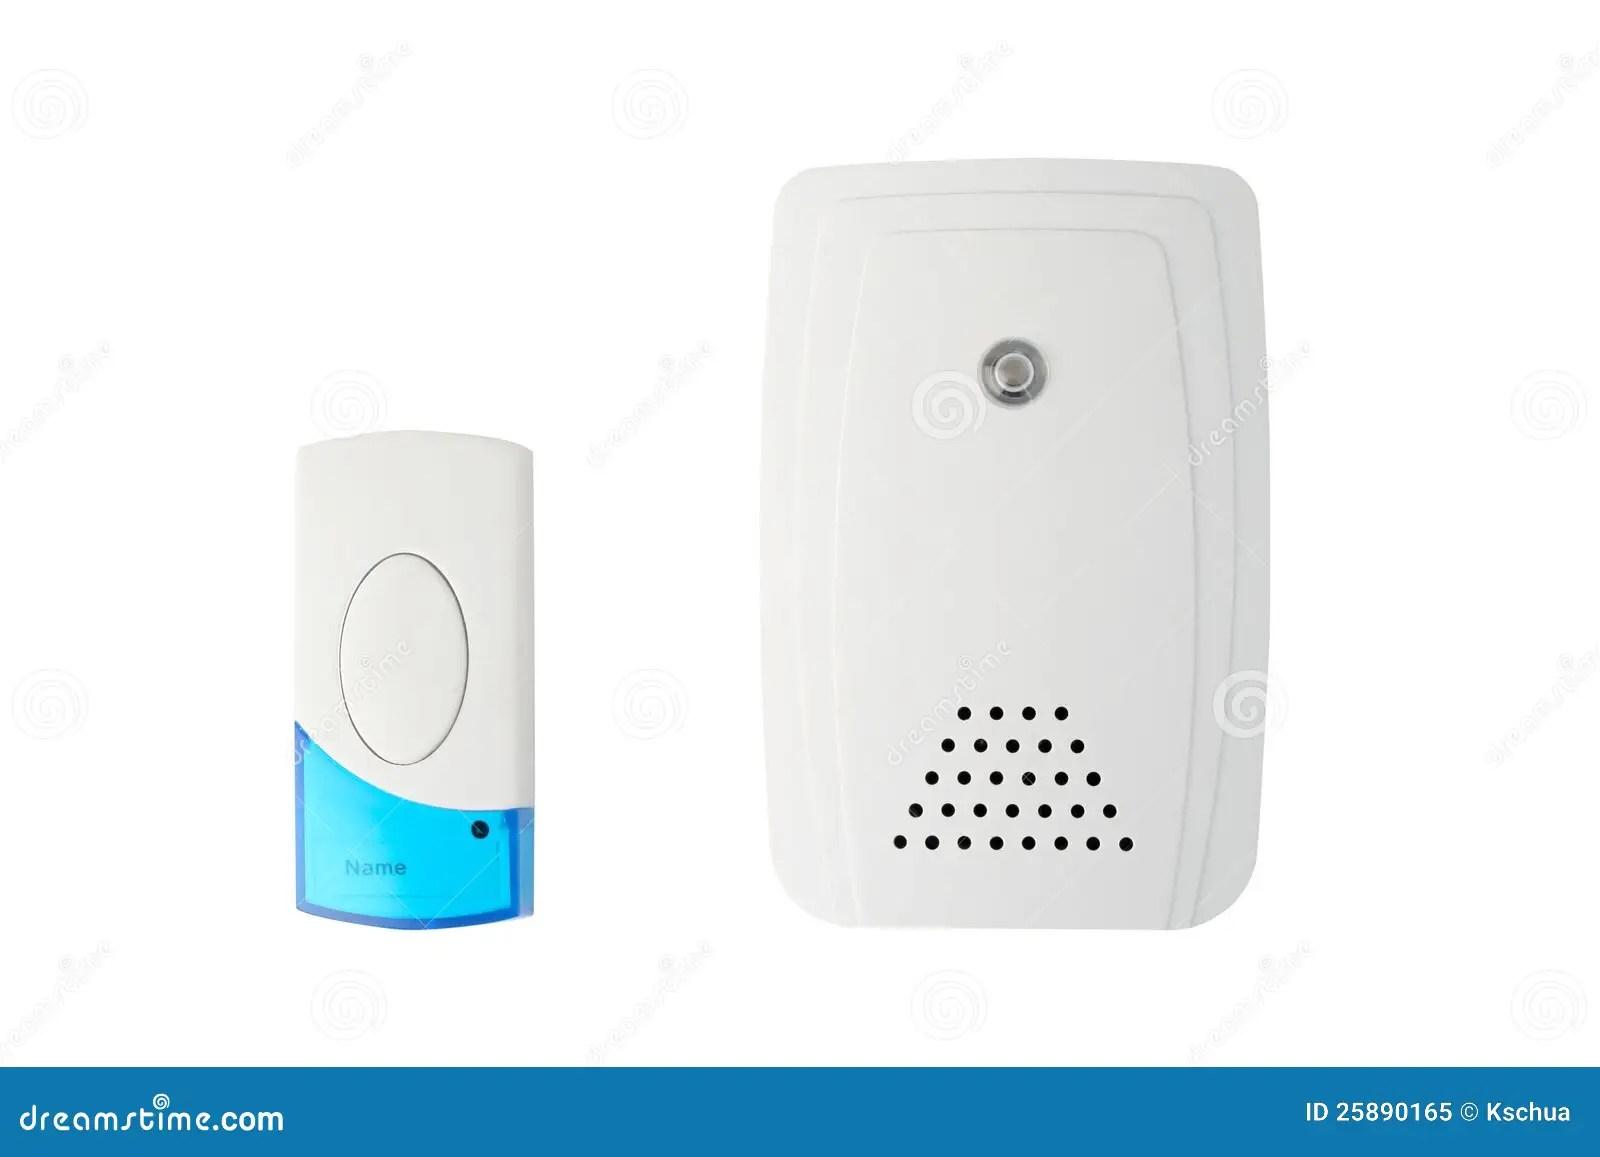 Wireless Security Alarm System